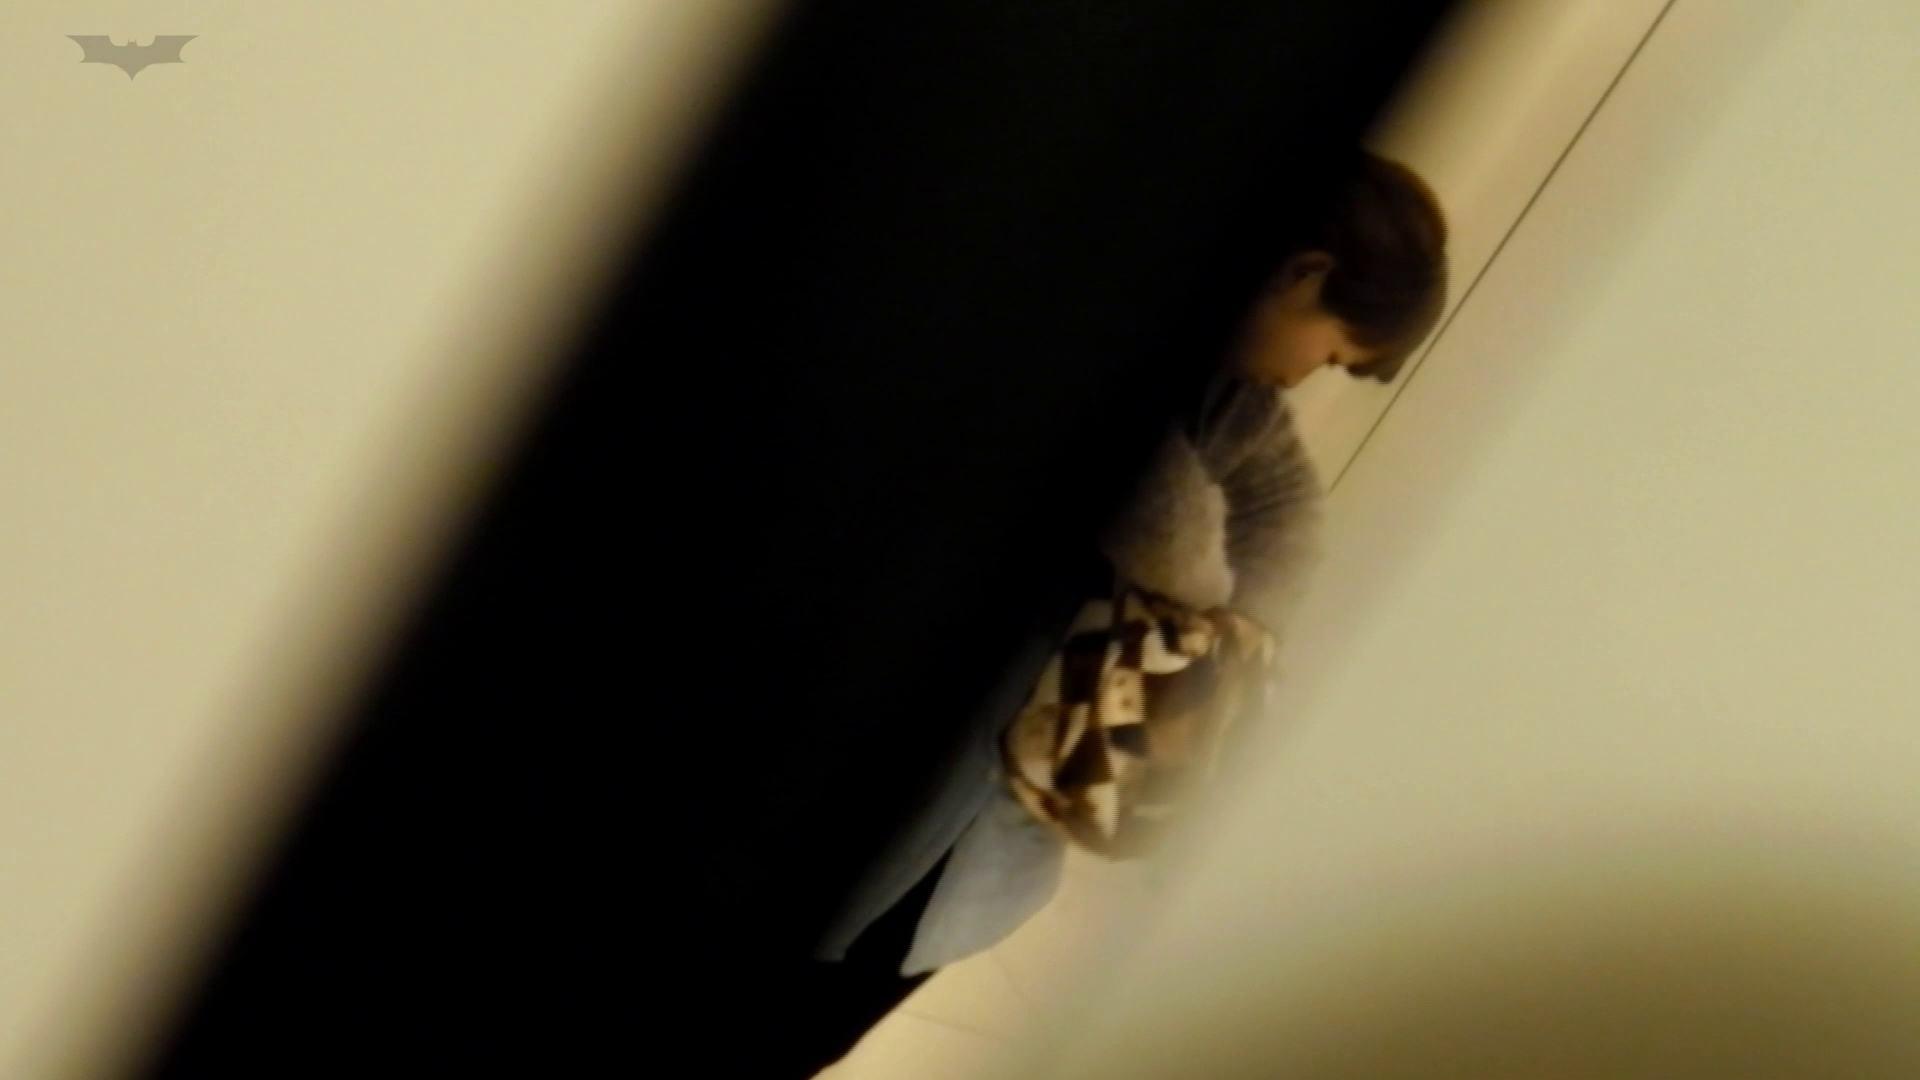 新世界の射窓 No78 トリンドル 玲奈似登場シリーズ美女率最高作! 盛合せ 濡れ場動画紹介 112枚 74